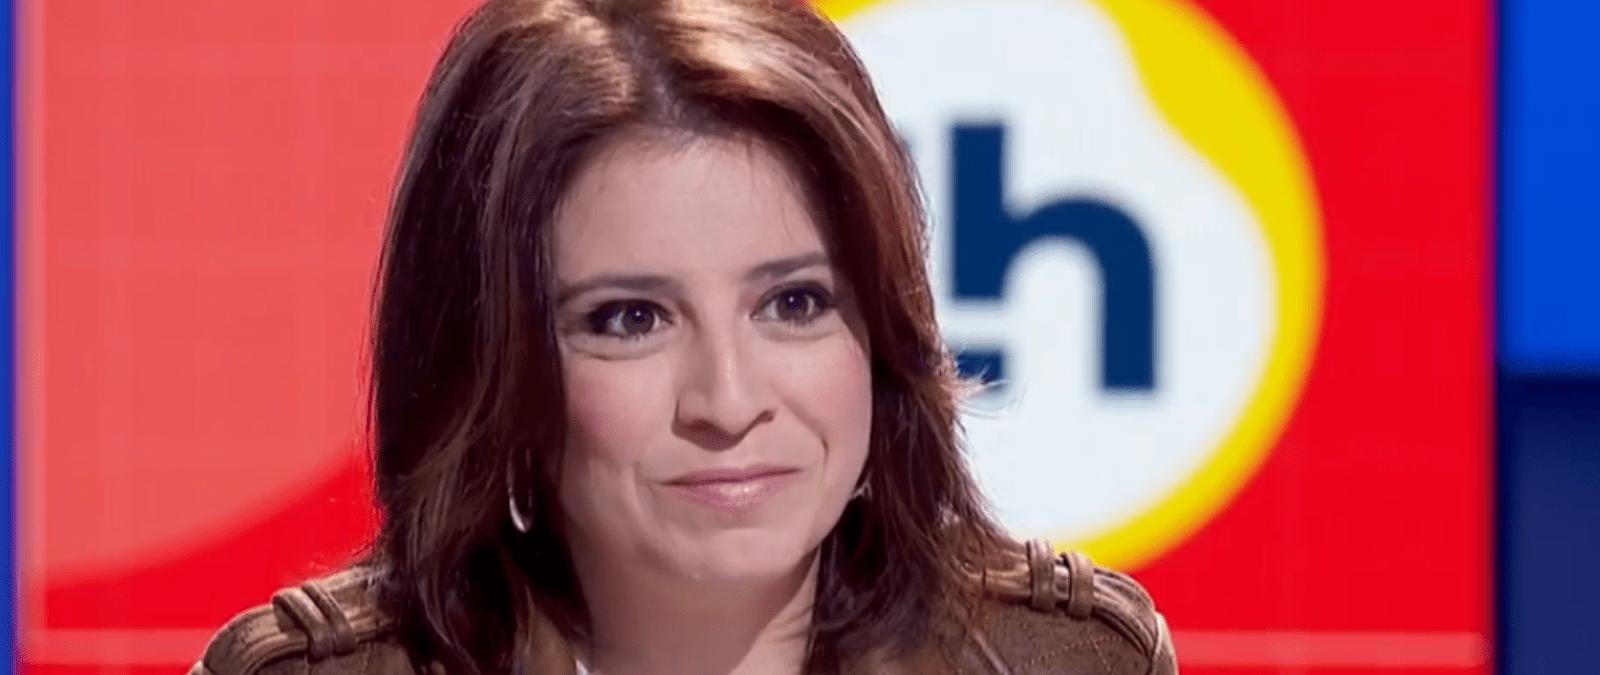 """Es falso que España sea el país que """"primero actuó respecto al precio de las mascarillas"""" como dice Adriana Lastra"""